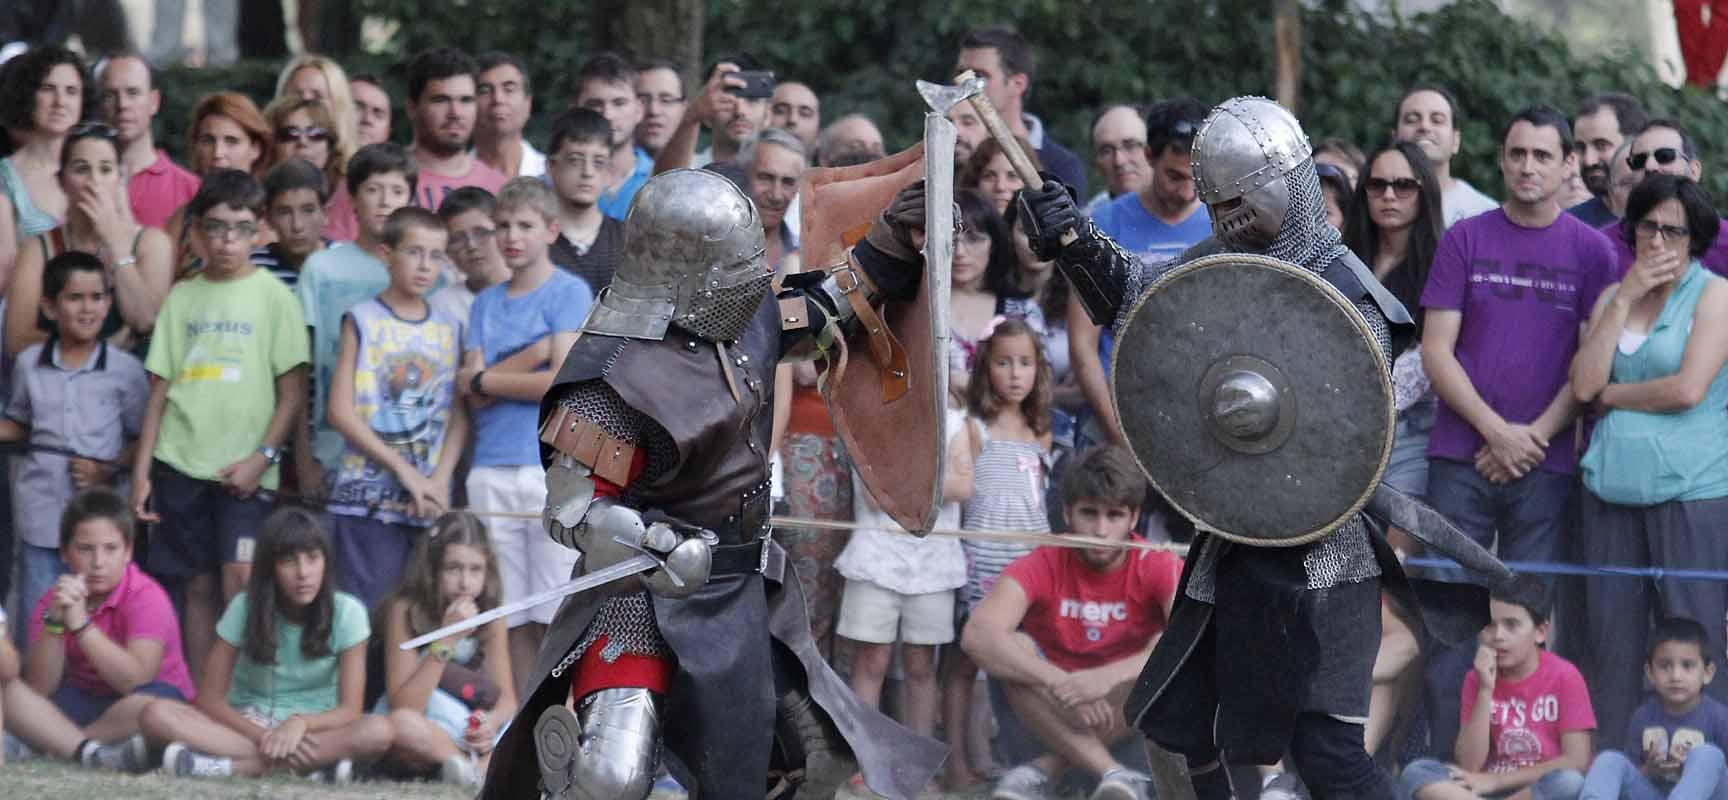 El espectáculo con demostraciones reales de combate atrajo a numeroso público.